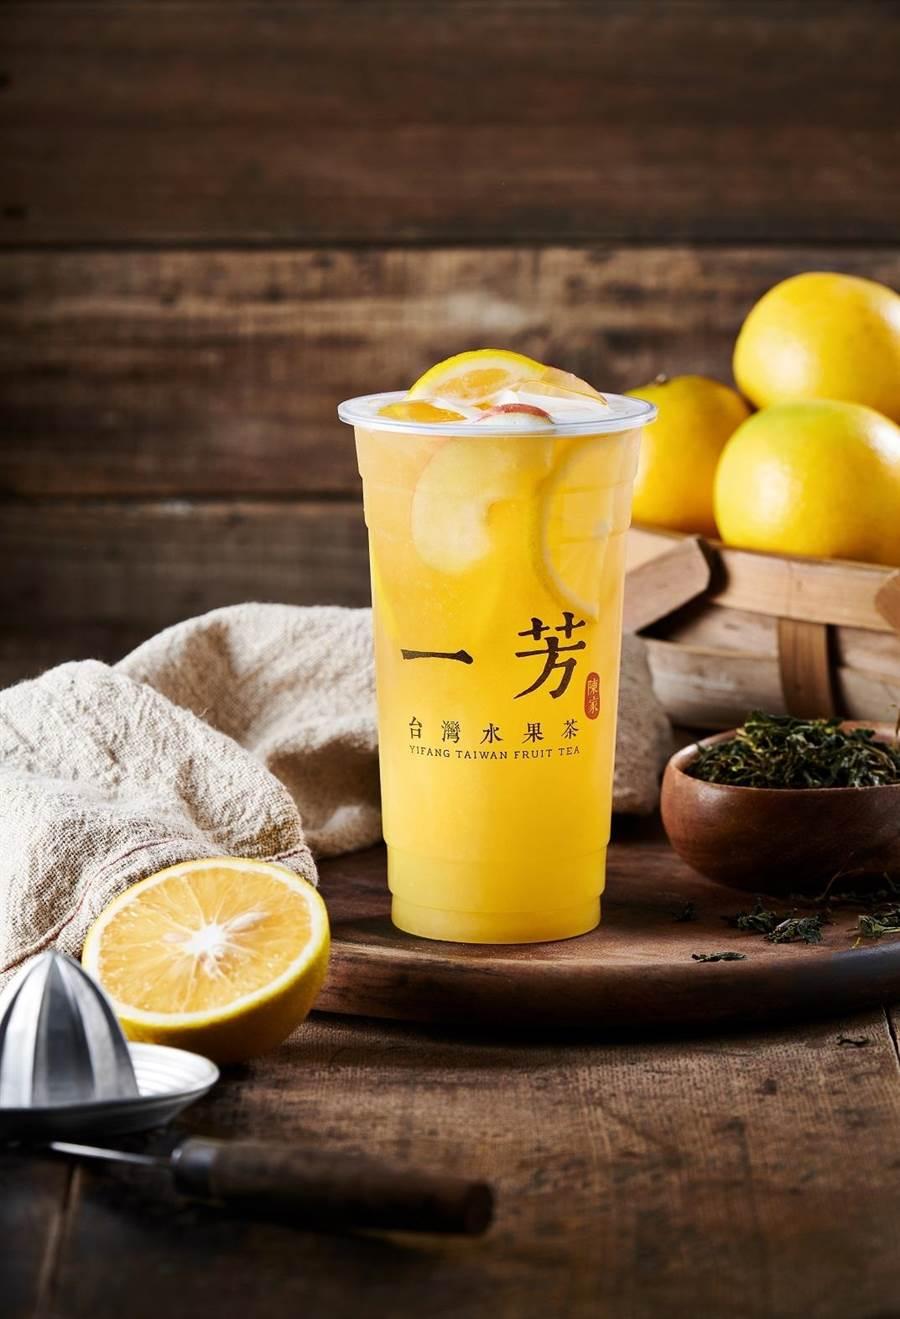 一芳鮮榨柳丁水果茶1/16季節限定上市 首5日推出49元嘗鮮價。(圖/一芳)